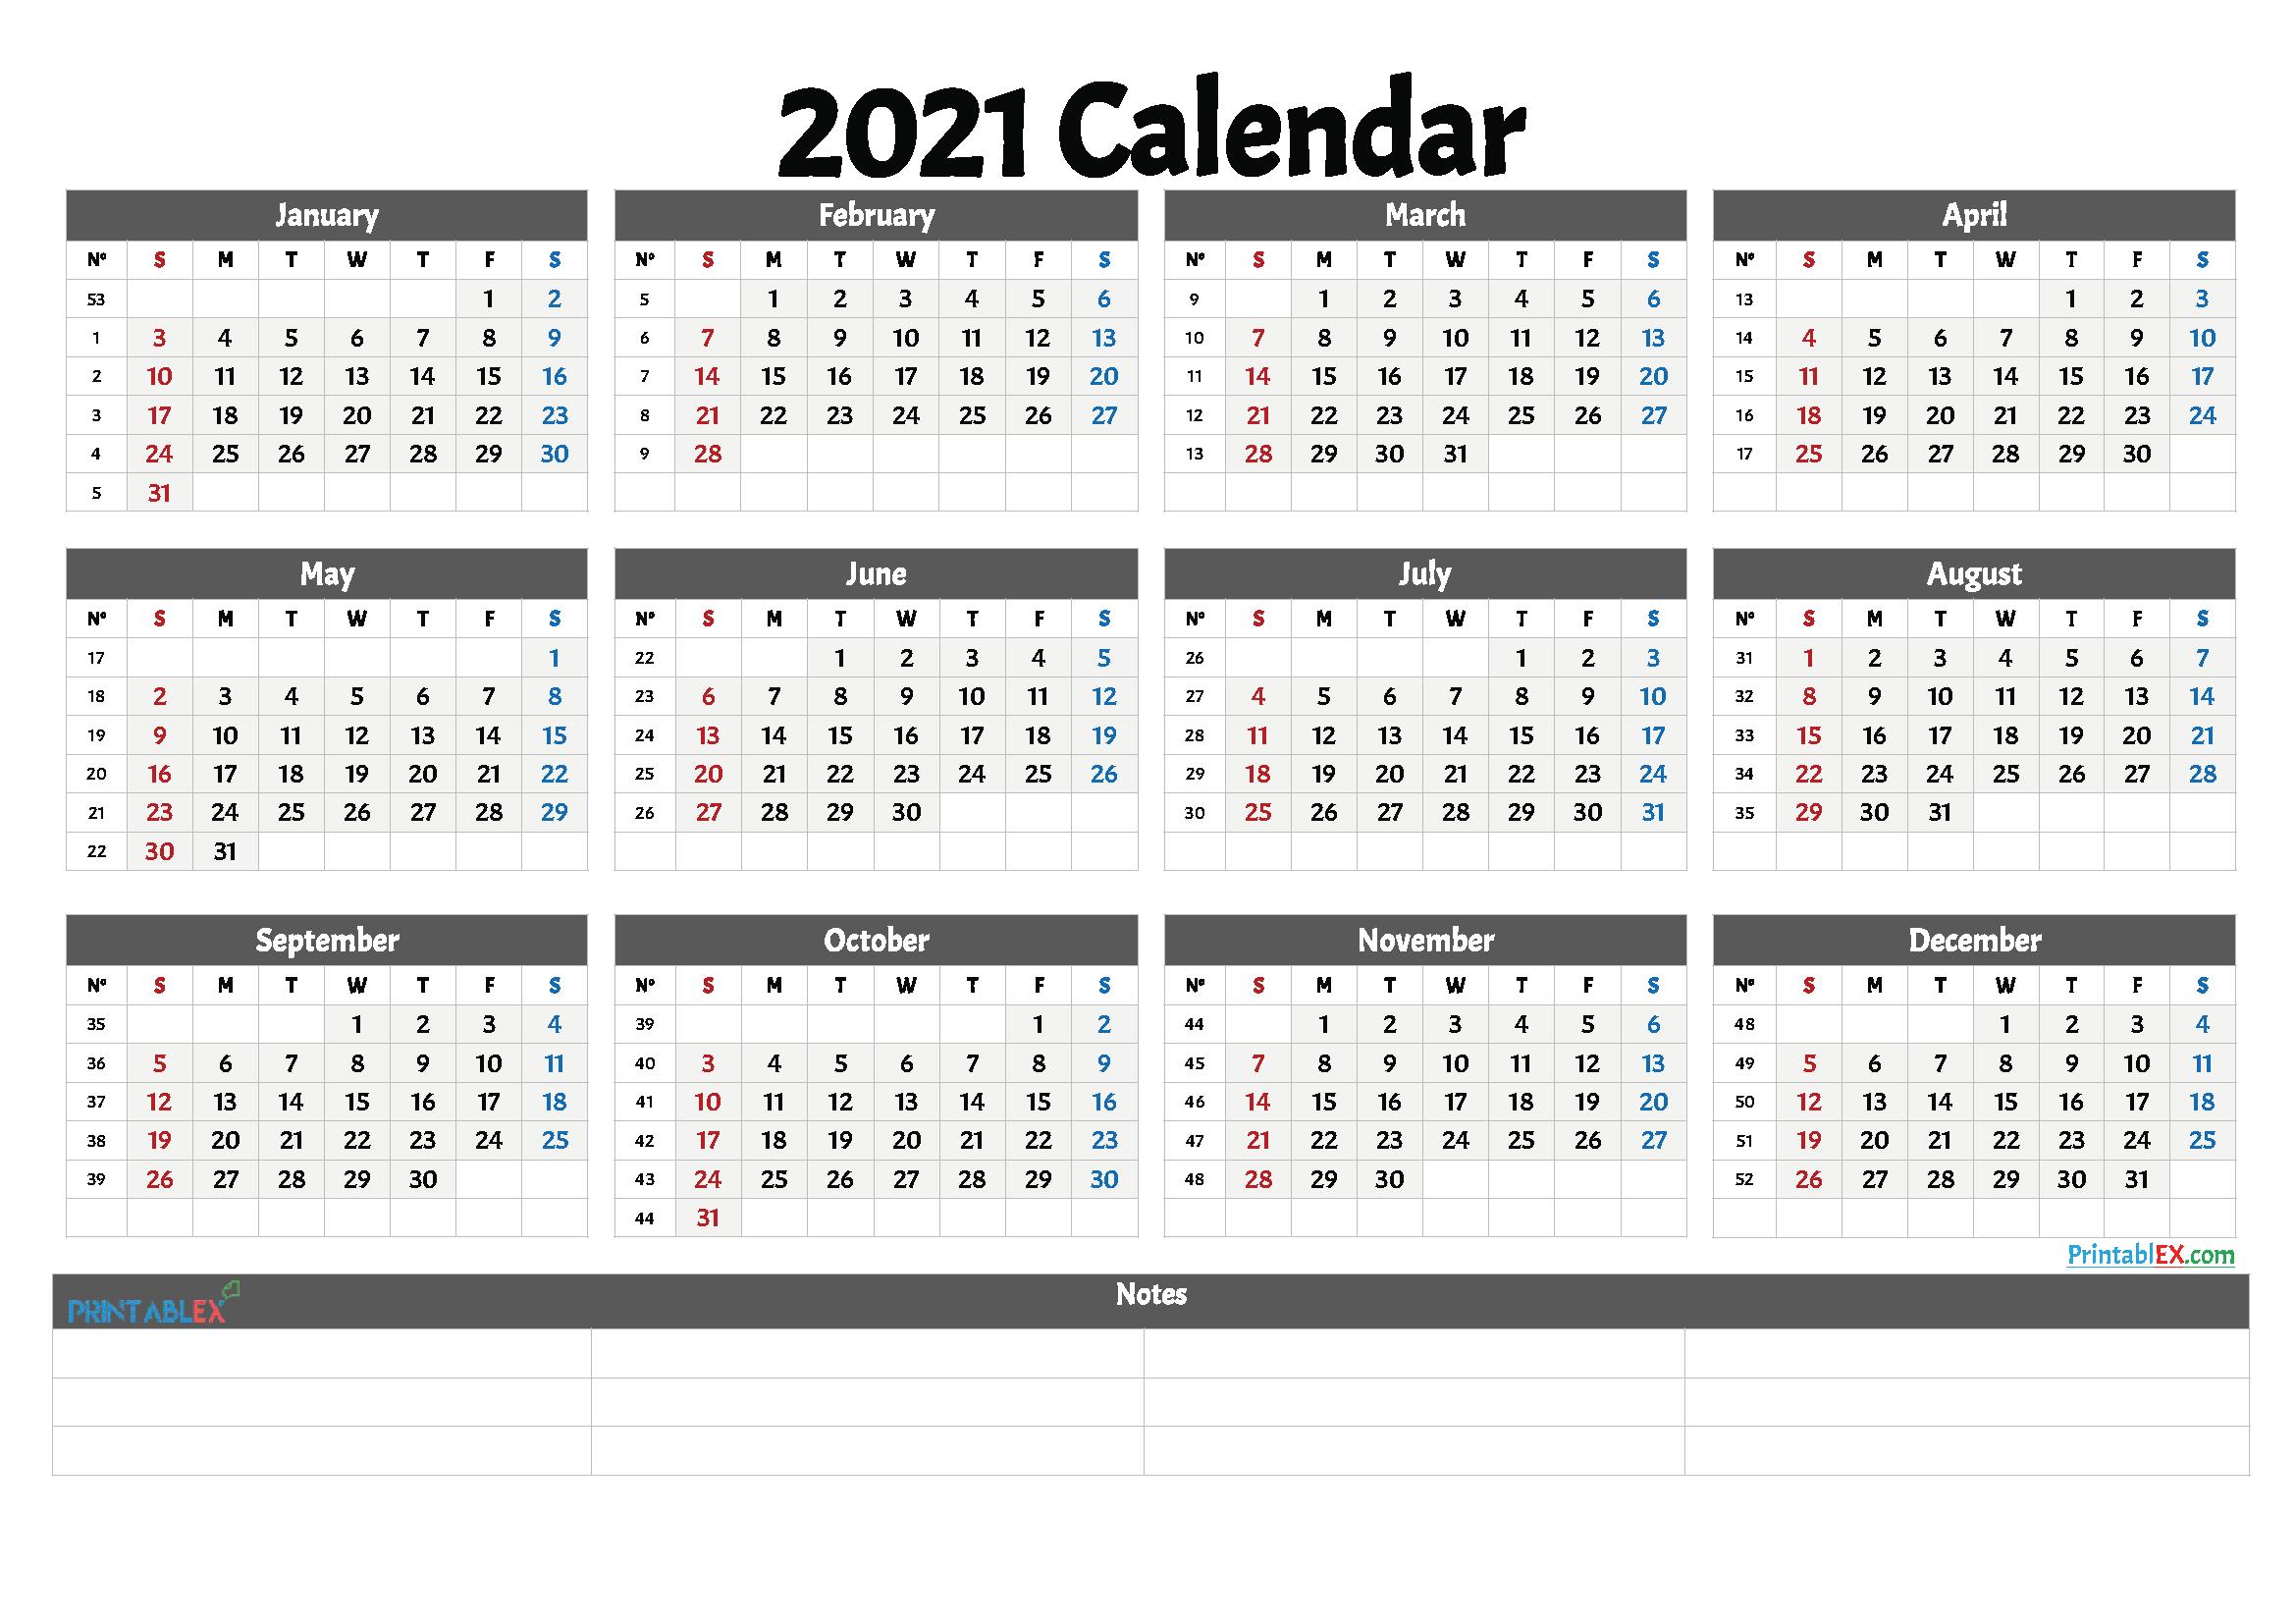 Free Printable 2021 And 2021 Calendar | 2021 Printable